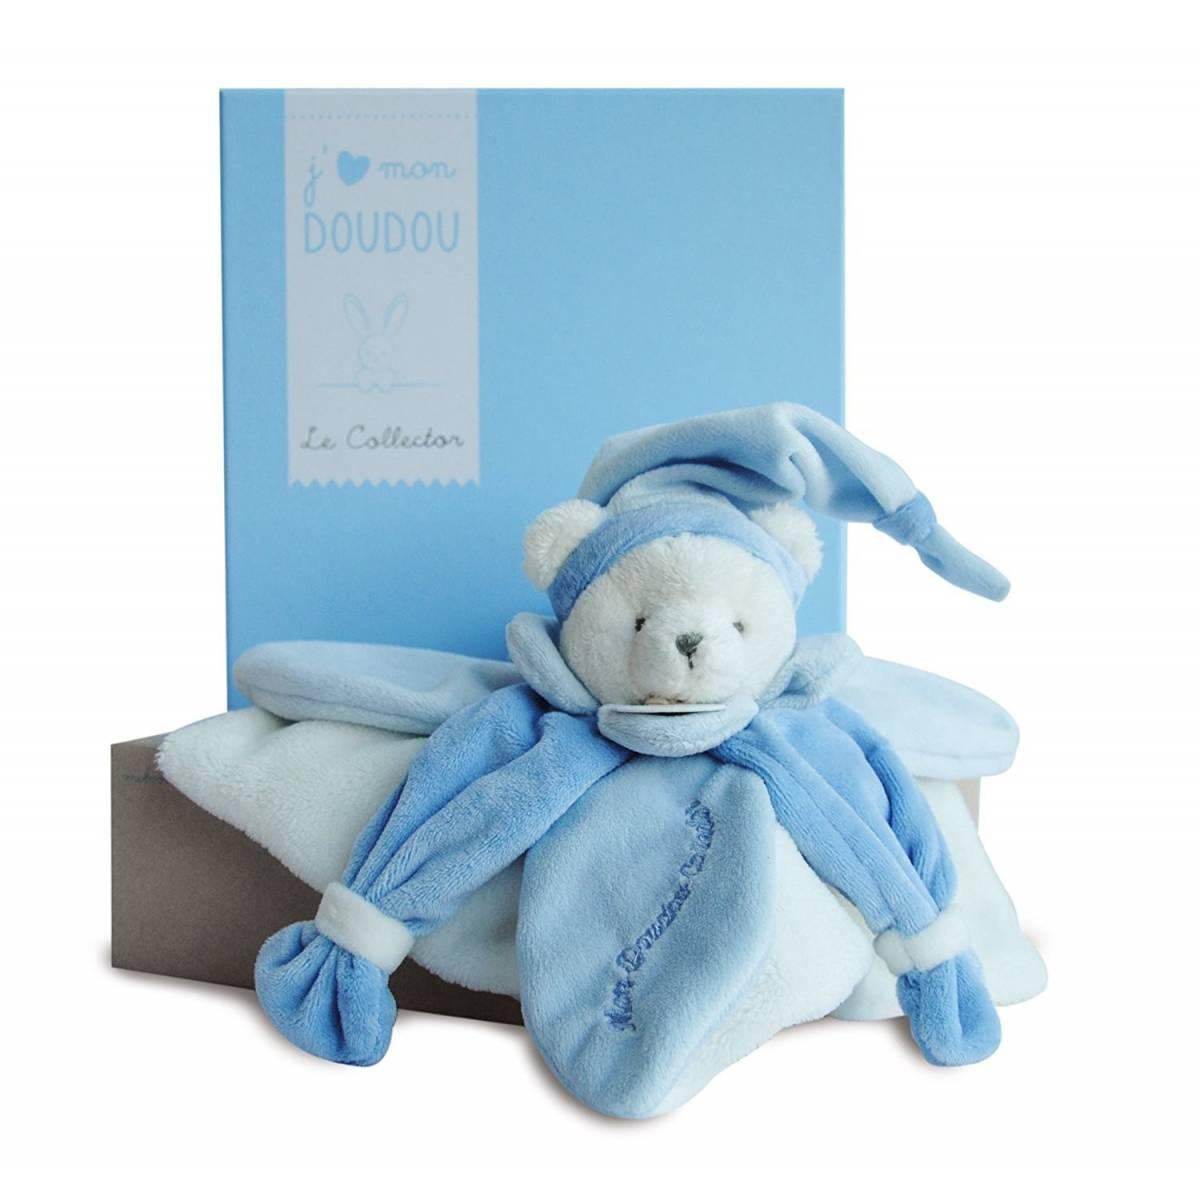 Doudou et Compagnie - J'Aime mon Doudou Collector Ours Bleu - DC2921